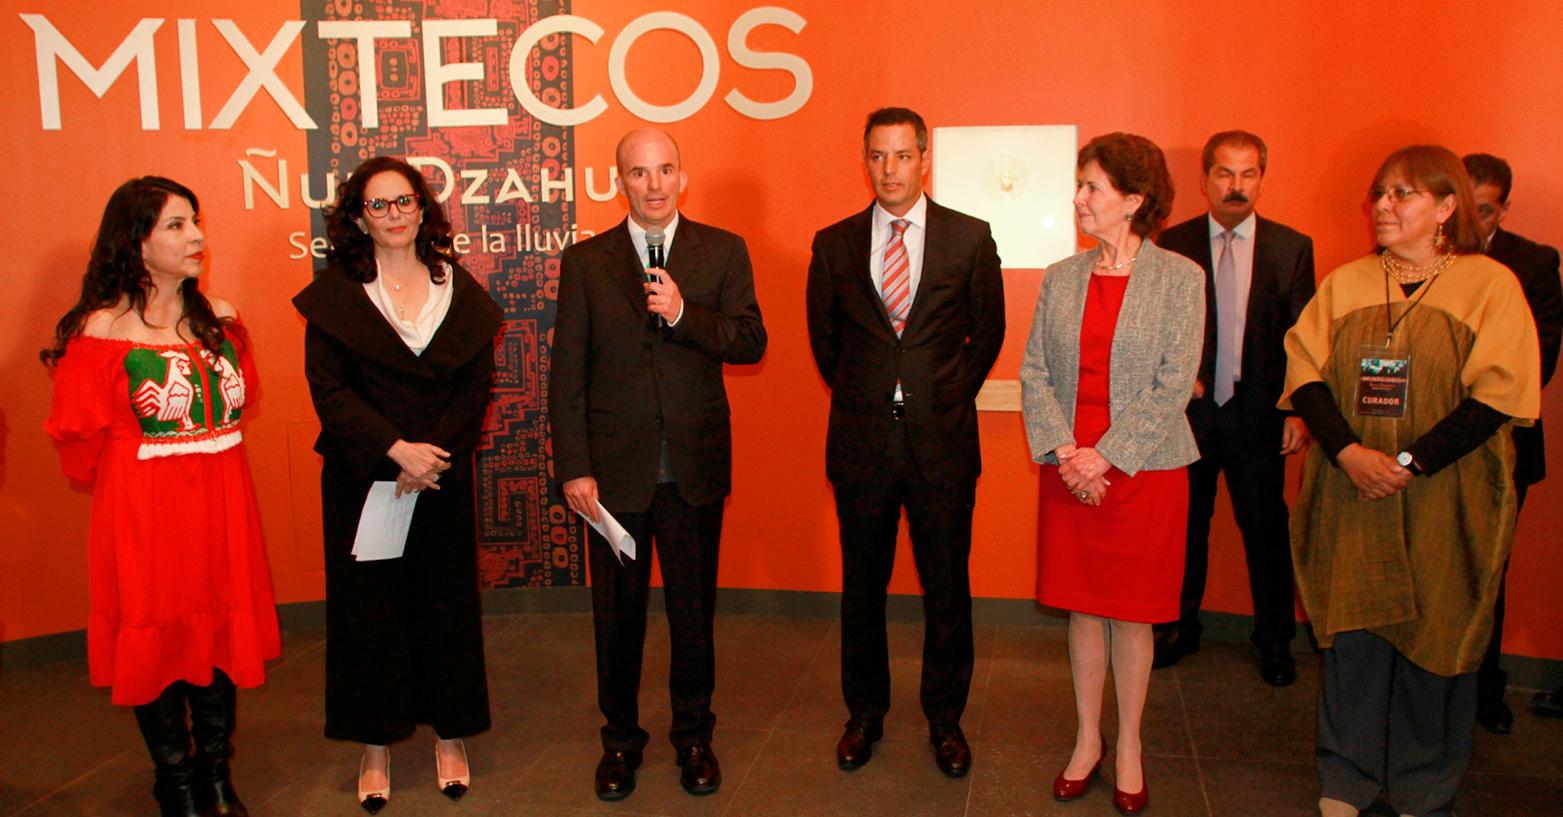 El secretario José Antonio González Anaya inauguró la exposición Ñuu Dzahui, Señores de la Lluvia, en la galería de Palacio Nacional.